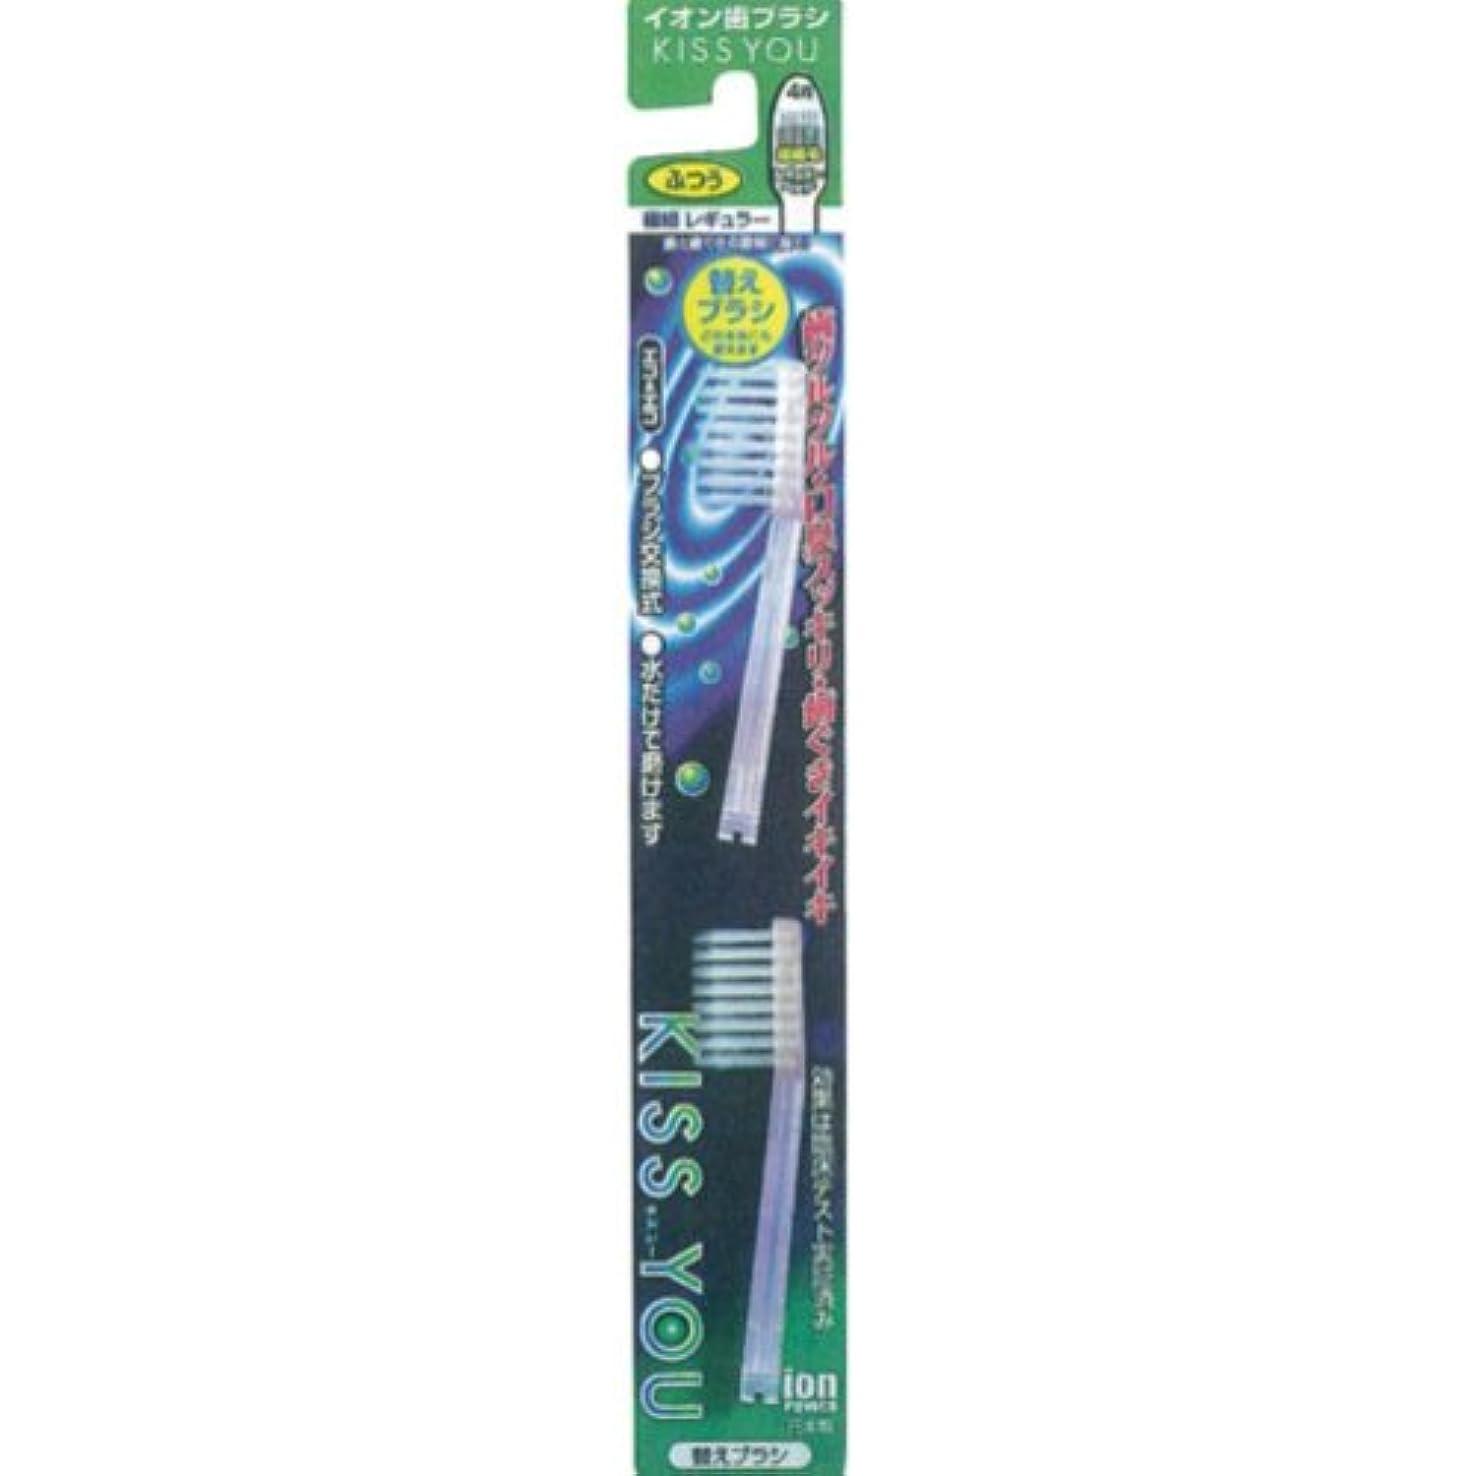 フラップ海軍電気フクバデンタル キスユー イオン歯ブラシ 極細レギュラー 替えブラシ ふつう (2本入)